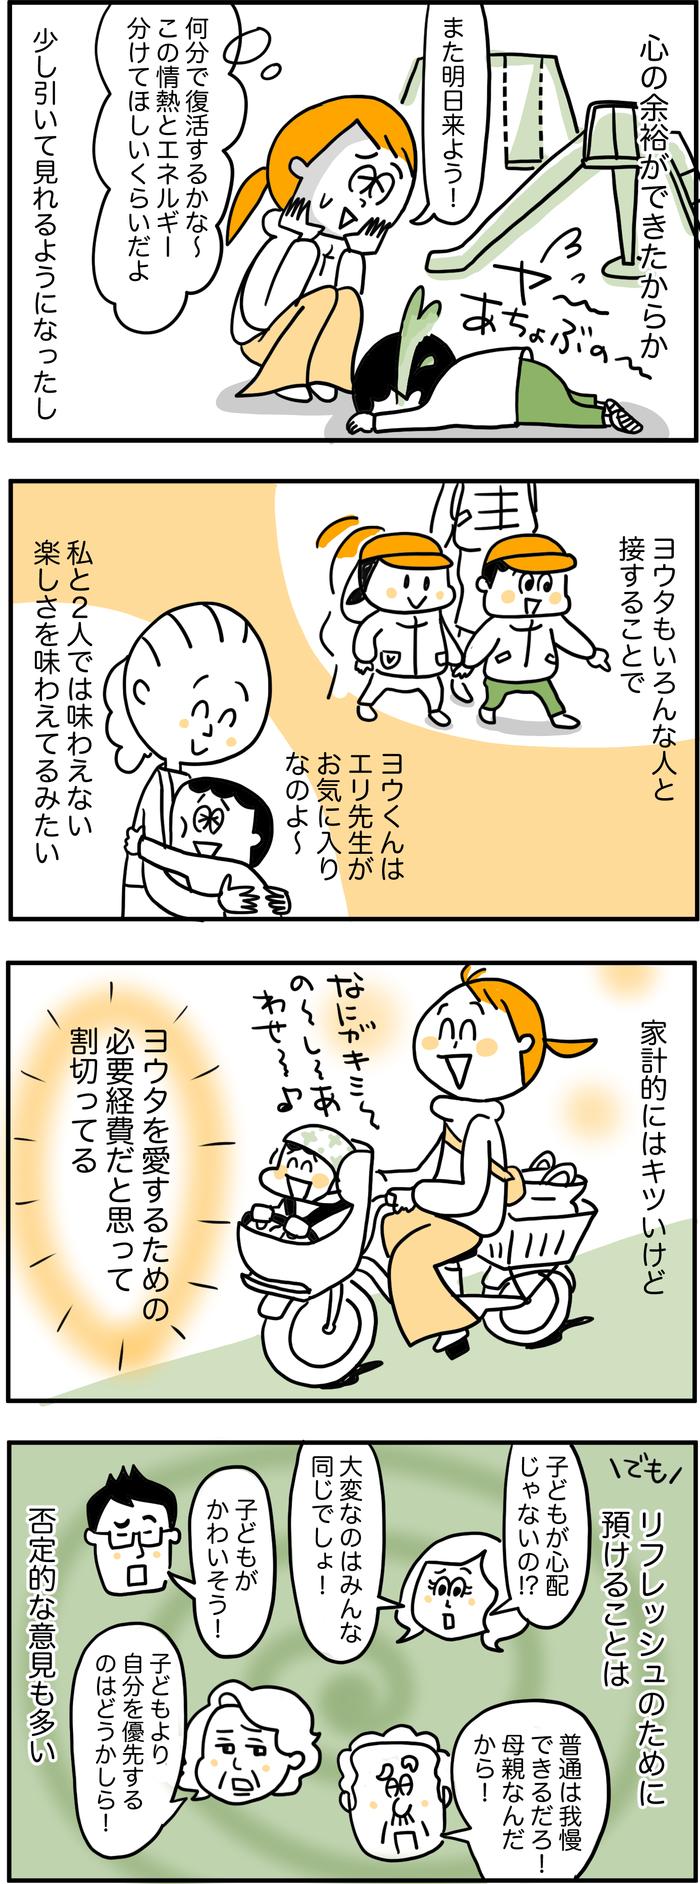 ママのリフレッシュは、子どもの笑顔につながる。「一時保育」利用のすすめの画像8